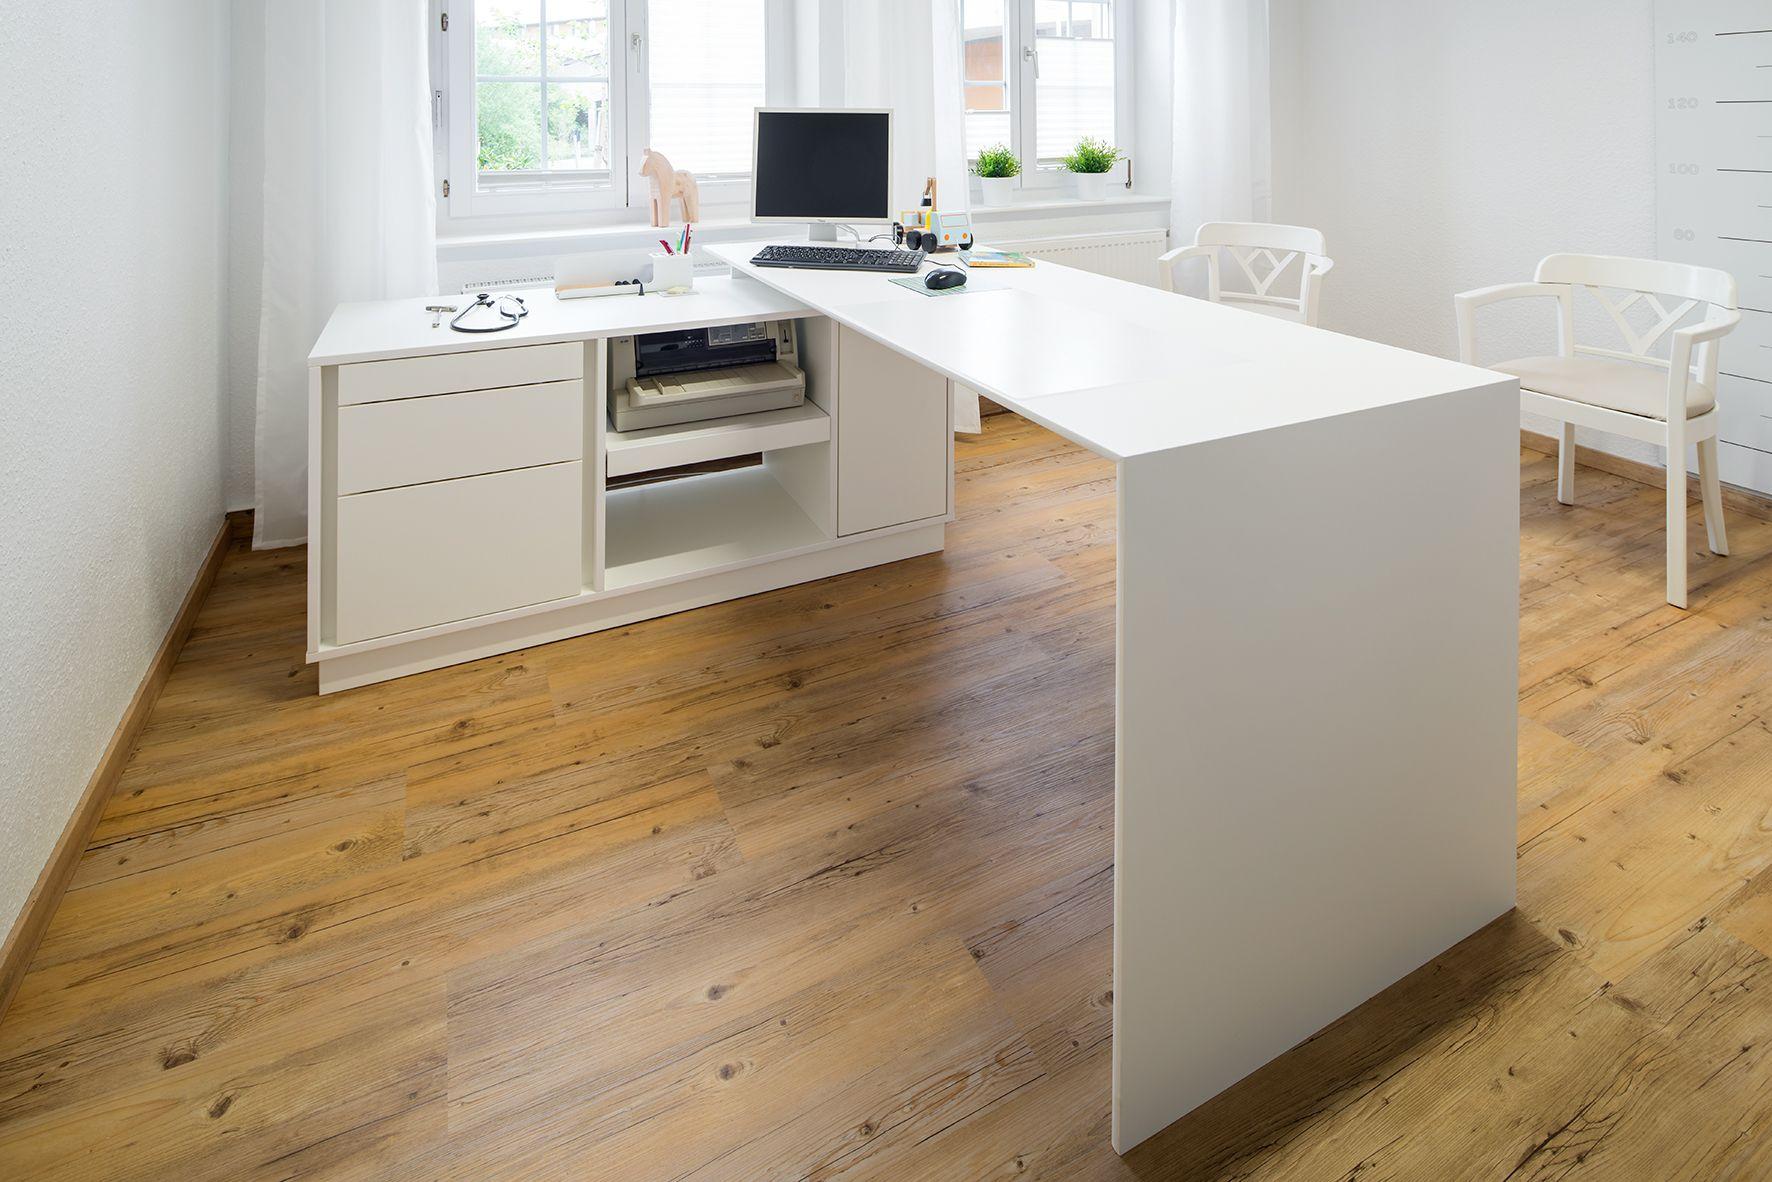 Schreibtisch mit Technik-Element aus 13mm Egger Kompaktplatte weiß durchgefärbt